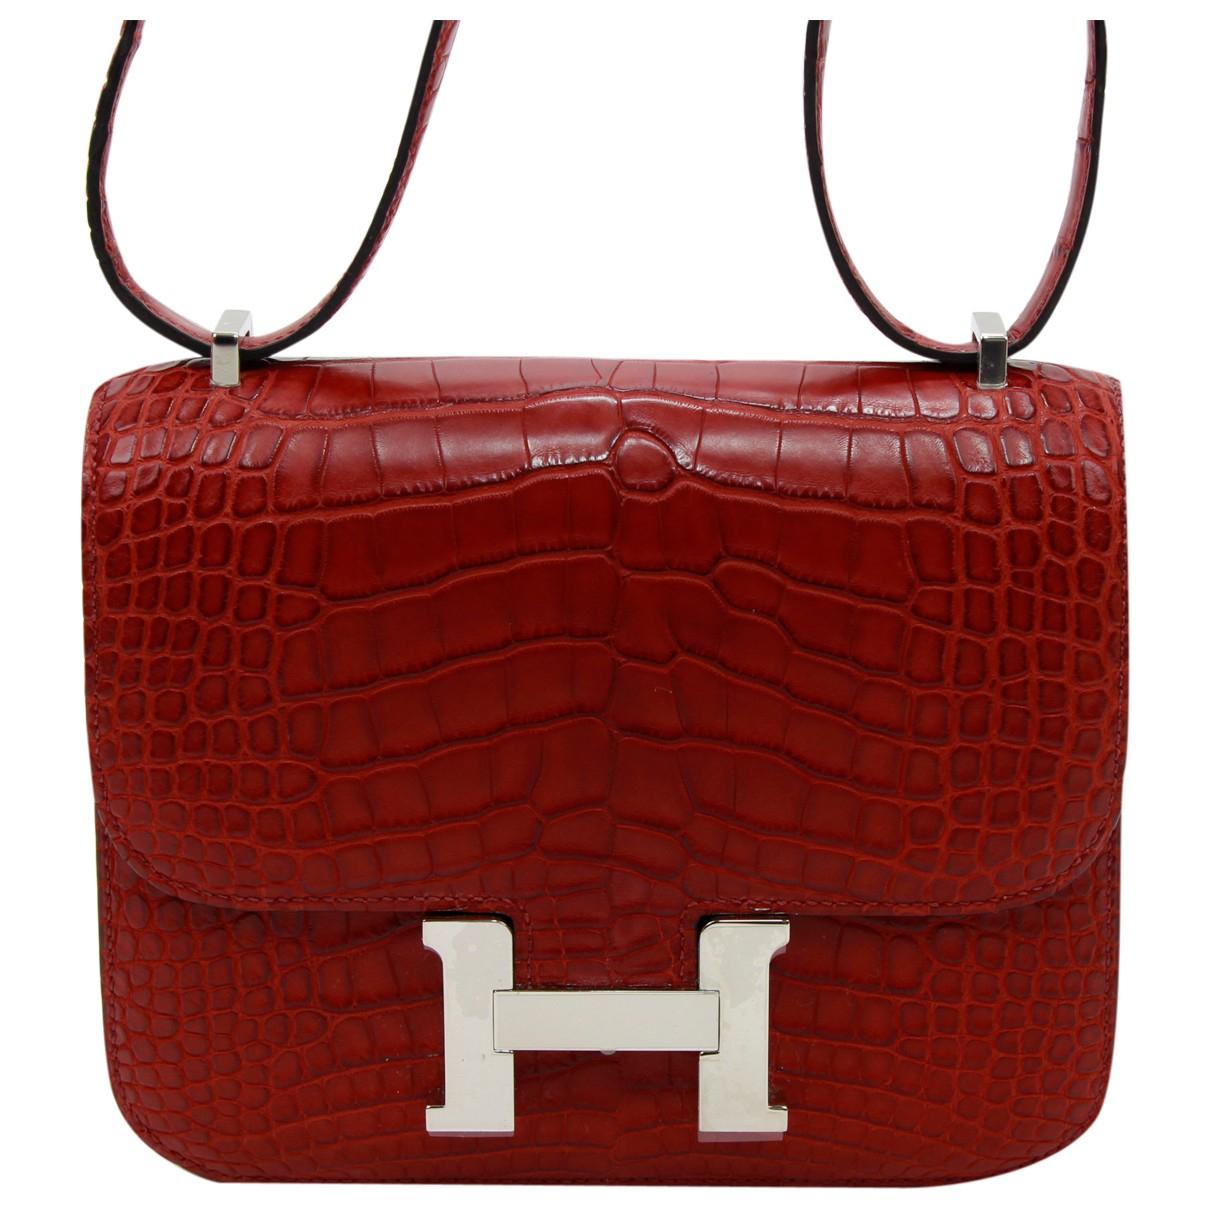 Hermes Constance Handtasche in  Rot Aligator